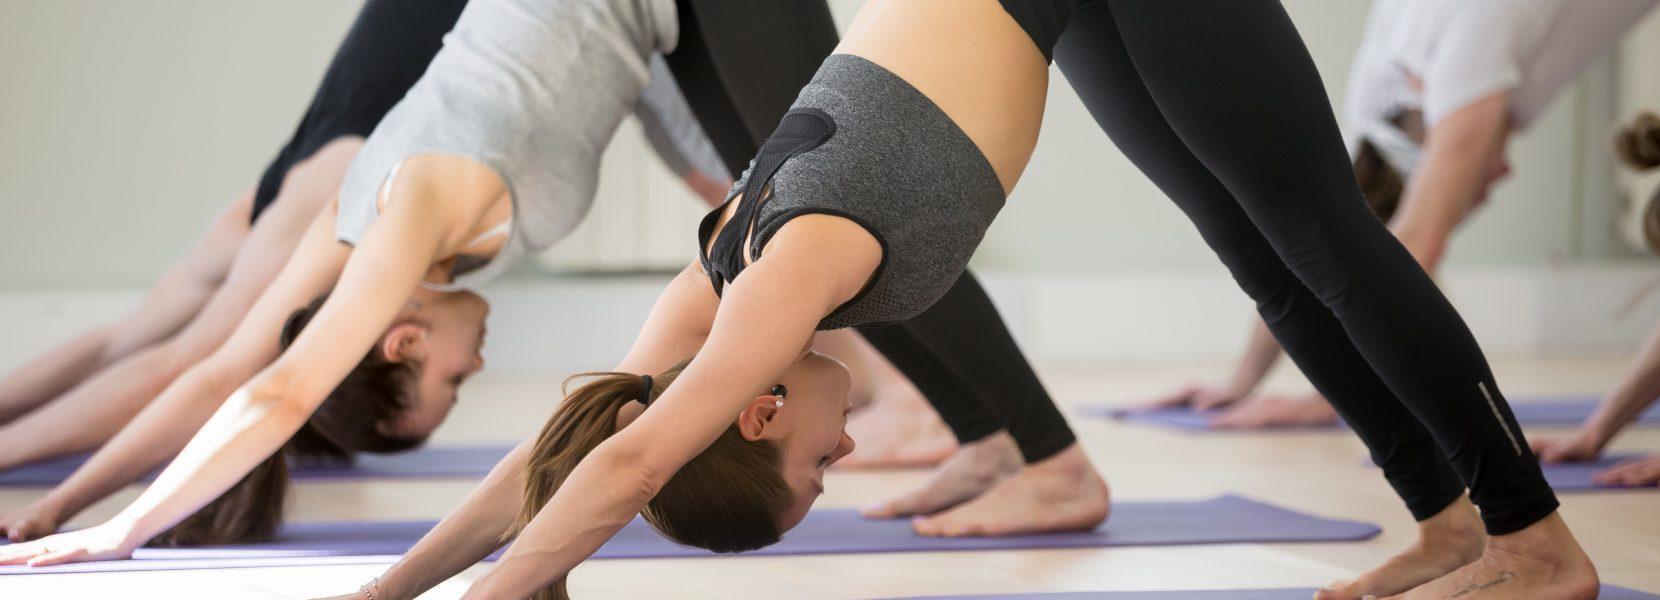 Yoga & Strömen: Körper, Atem und Verstand sind EINS